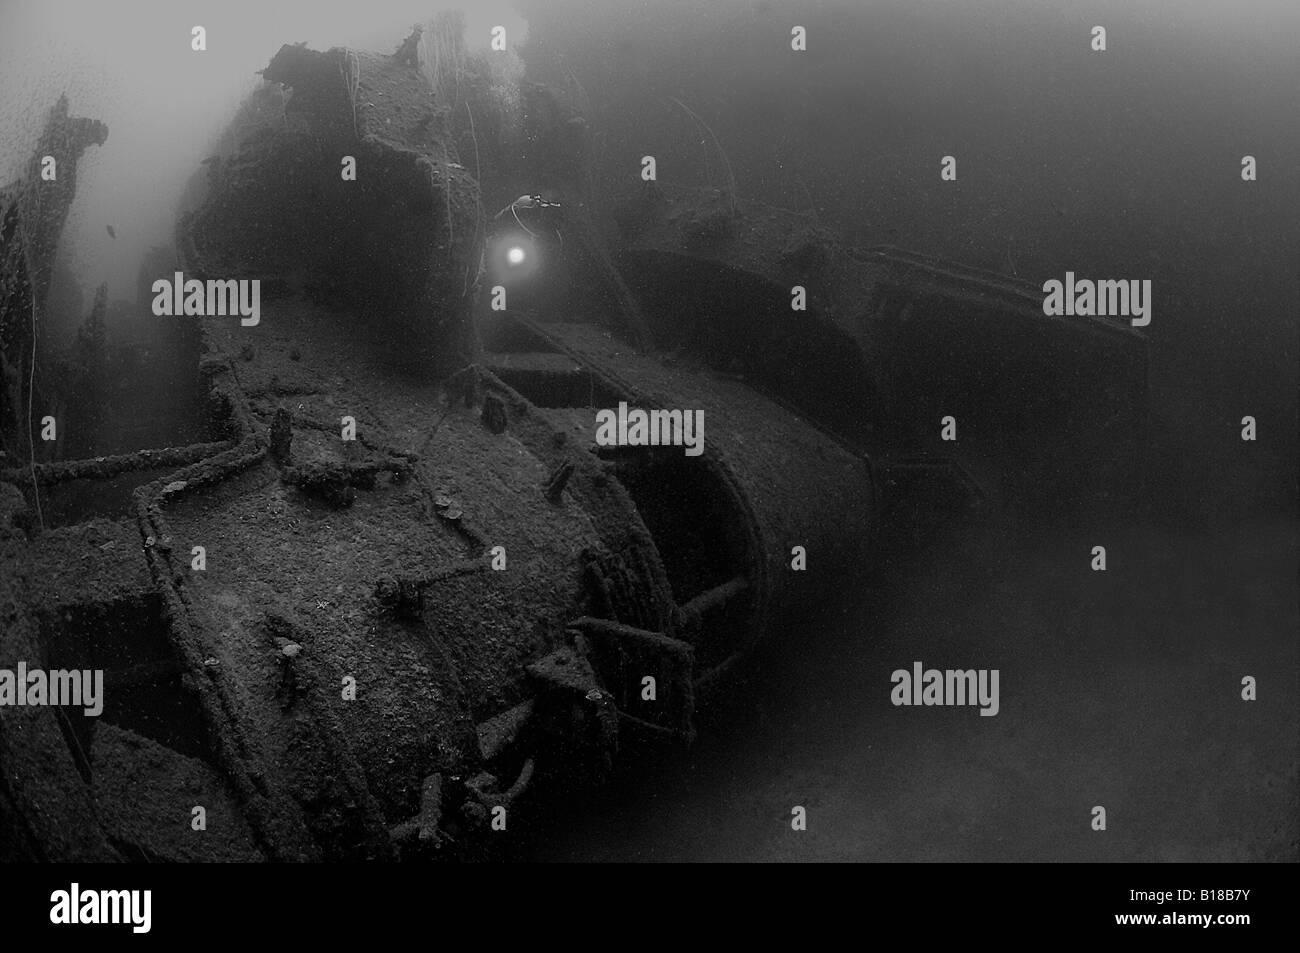 Diver at Wreck Nagato Bikini Atoll Marshall Islands - Stock Image